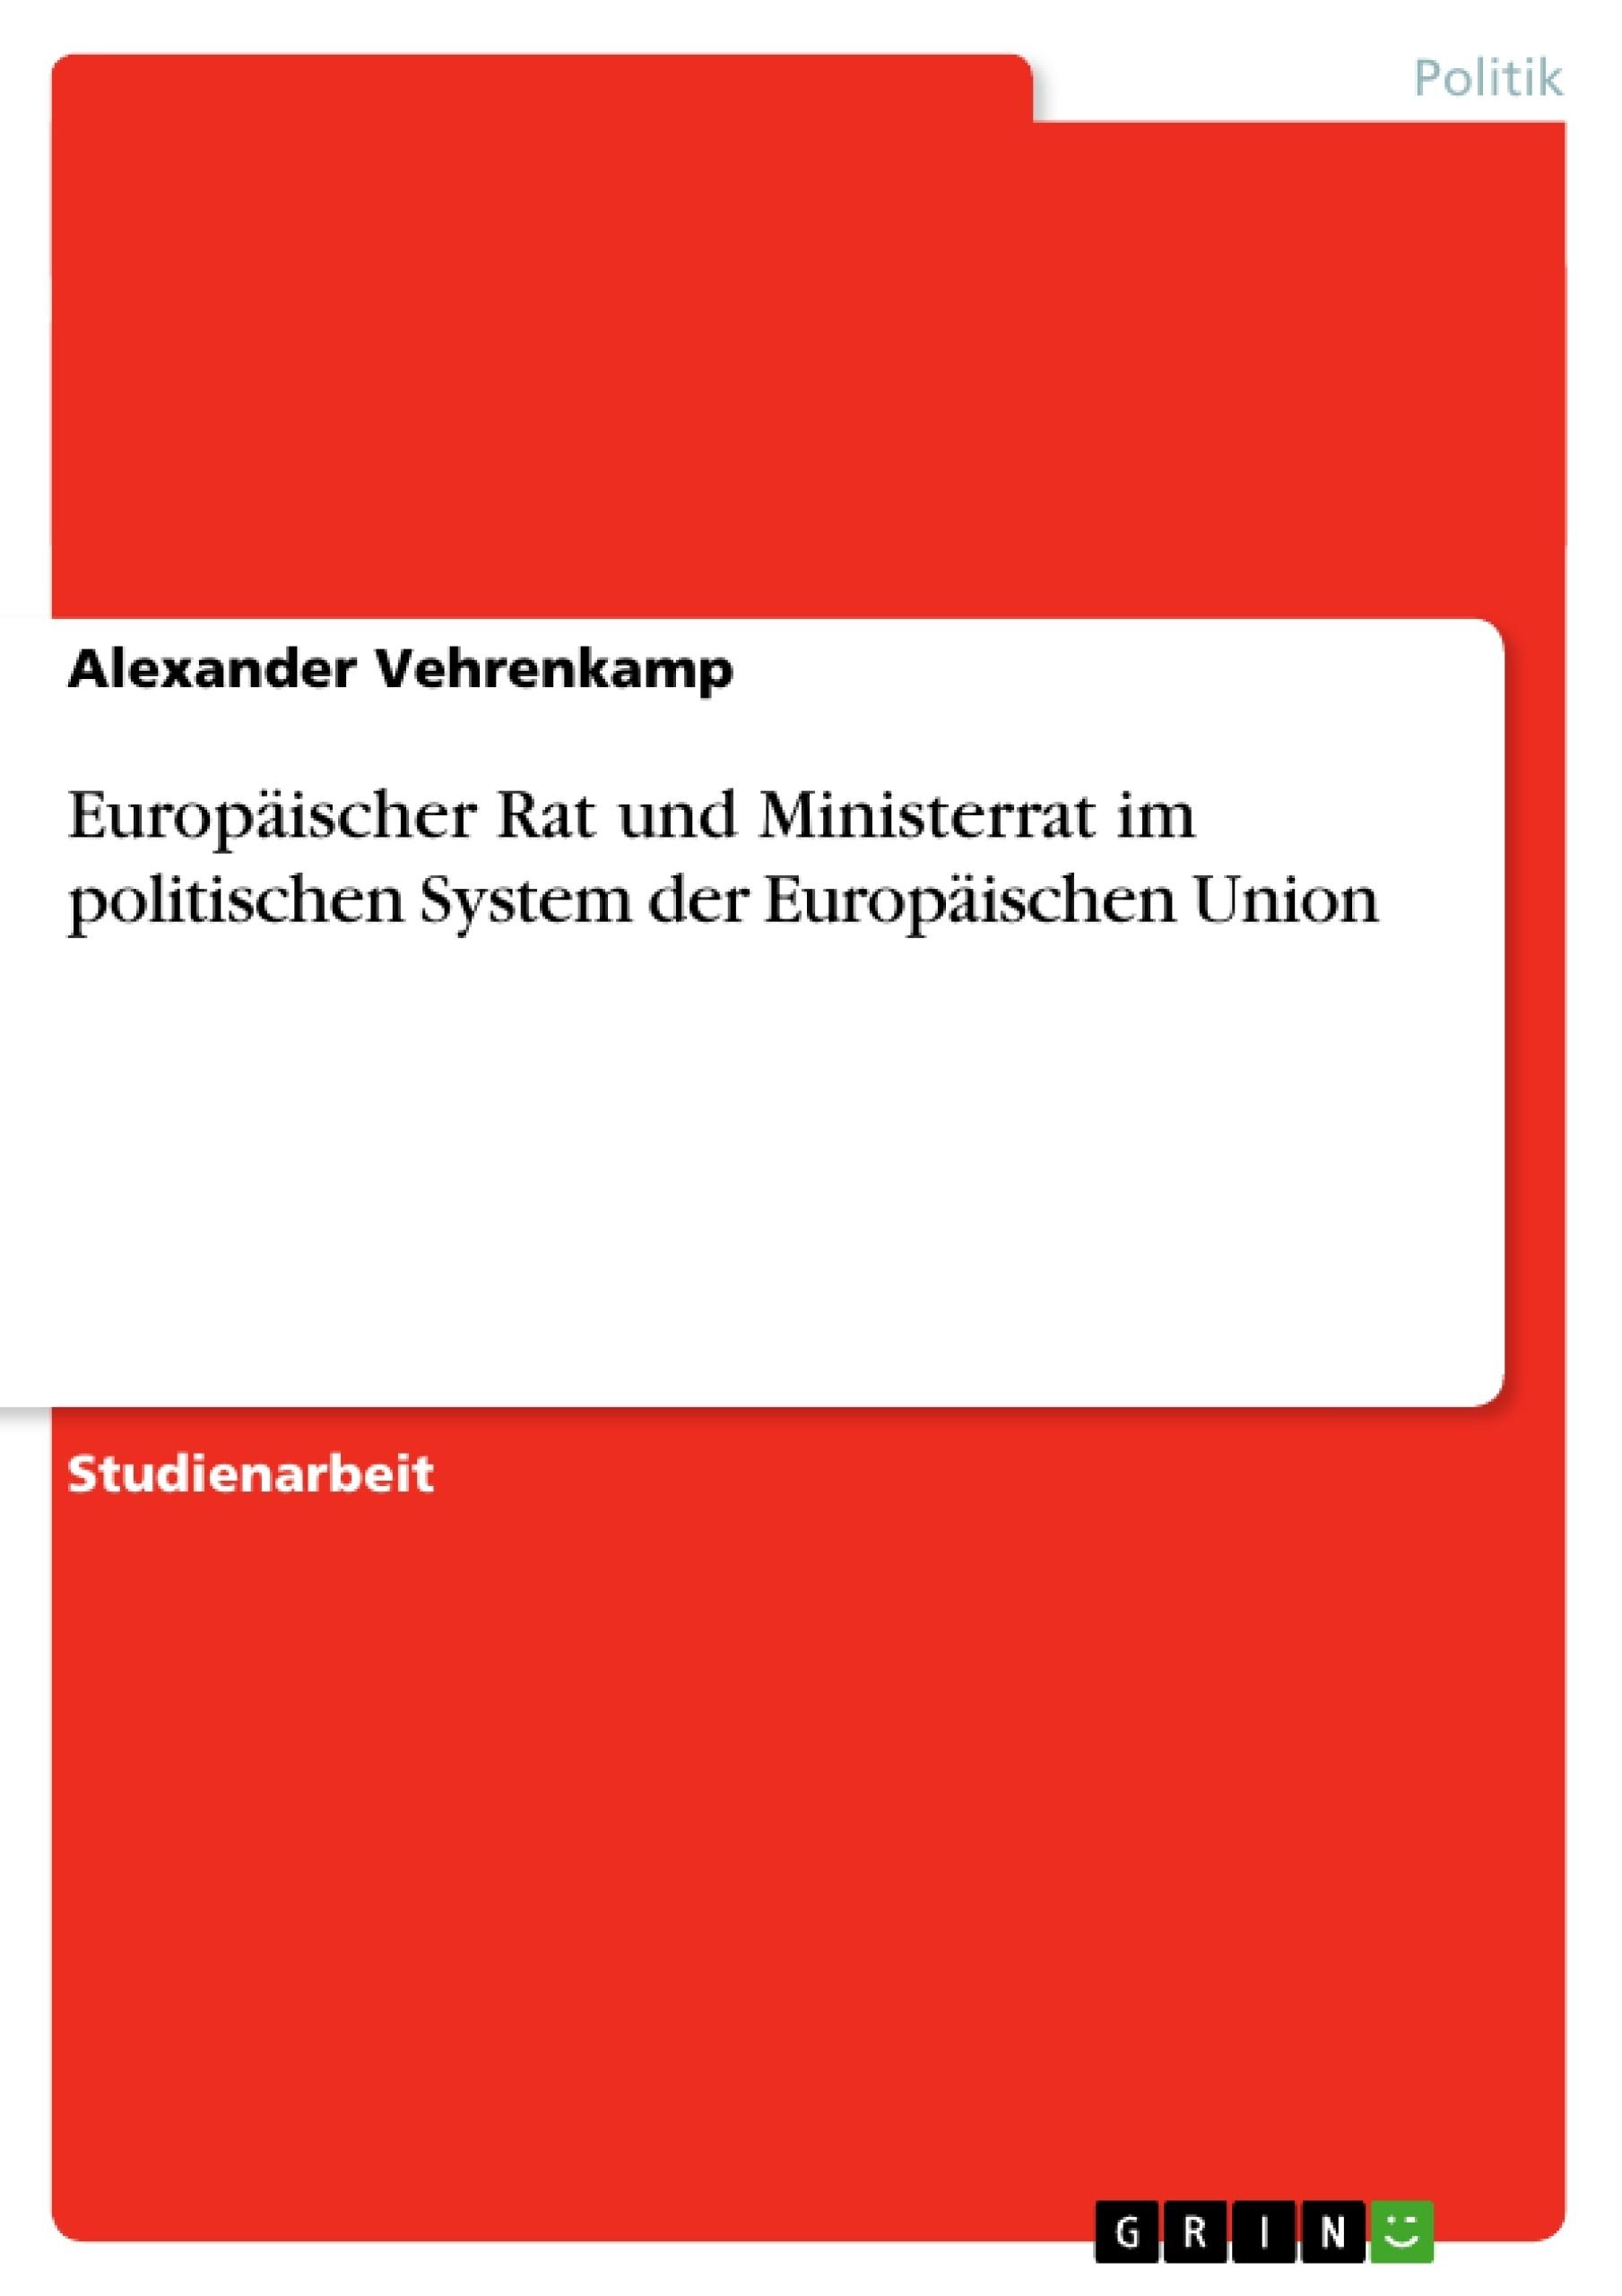 Titel: Europäischer Rat und Ministerrat im politischen System der Europäischen Union